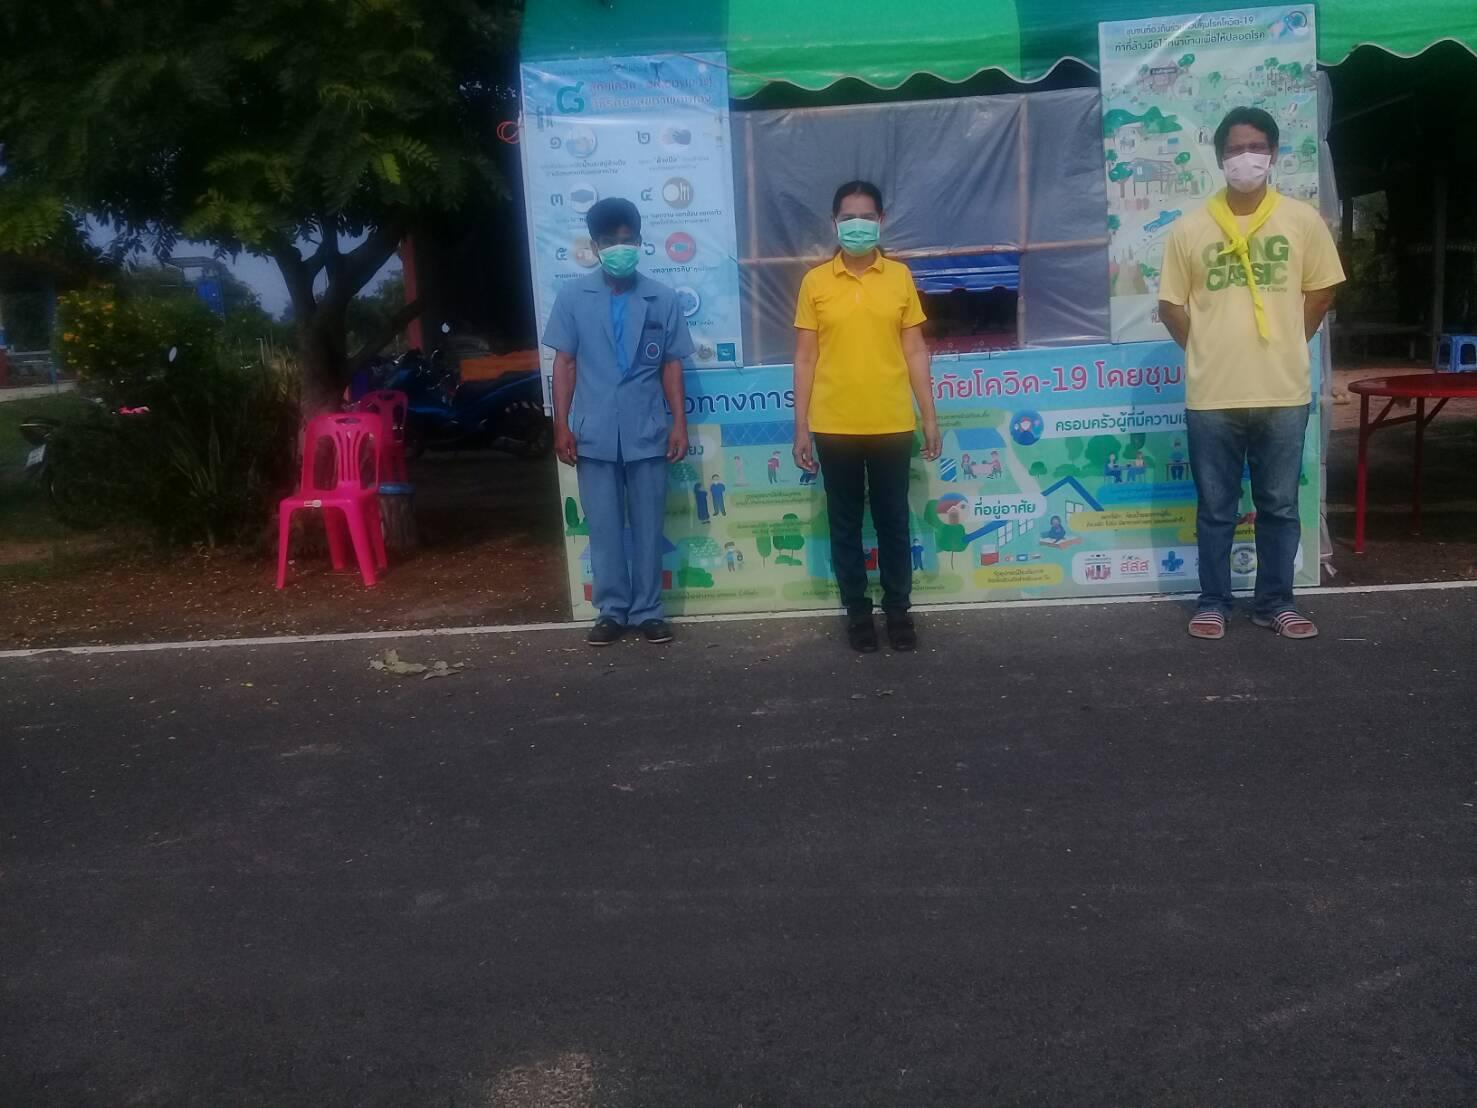 วันที่ 2 ของการตั้งจุดตรวจคัดกรอง โรคโควิดตามมาตรการป้องกัน และเฝ้าระวังโรคโควิด-19 วันที่ 7 เม.ย. 2563 บ้านป่าเพิ่ม หมู่ 11